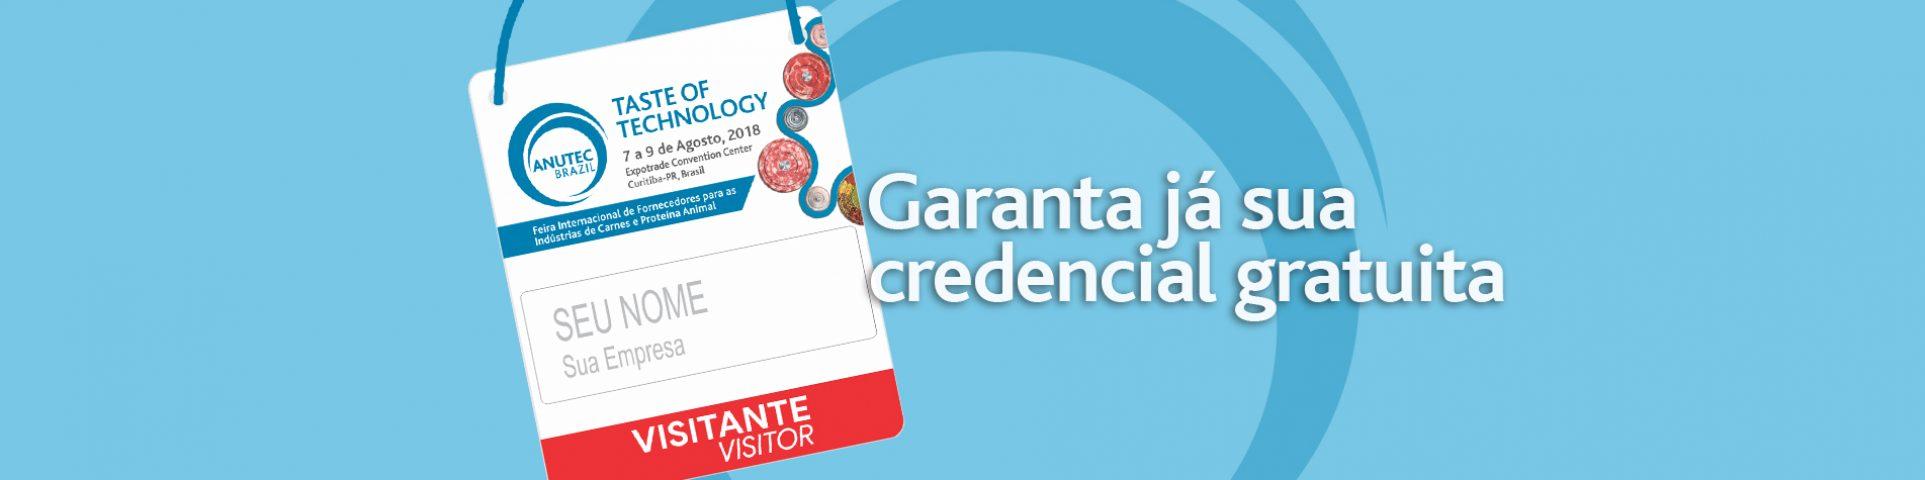 anutec_brazil_credenciamento_2